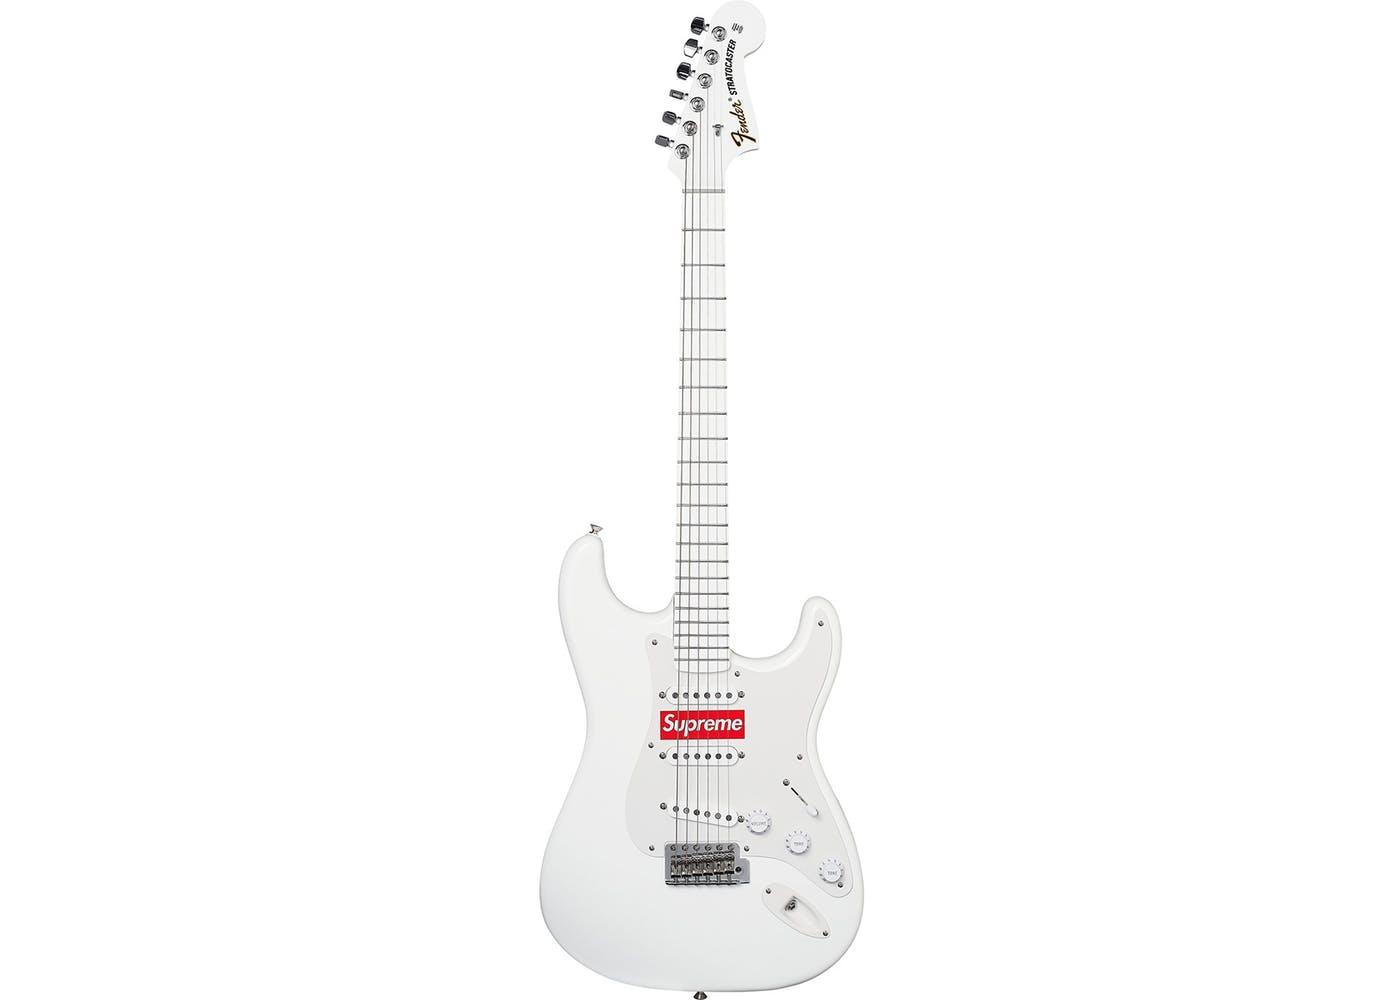 Ziemlich Fender Stratocaster Verkabelung Galerie - Die Besten ...